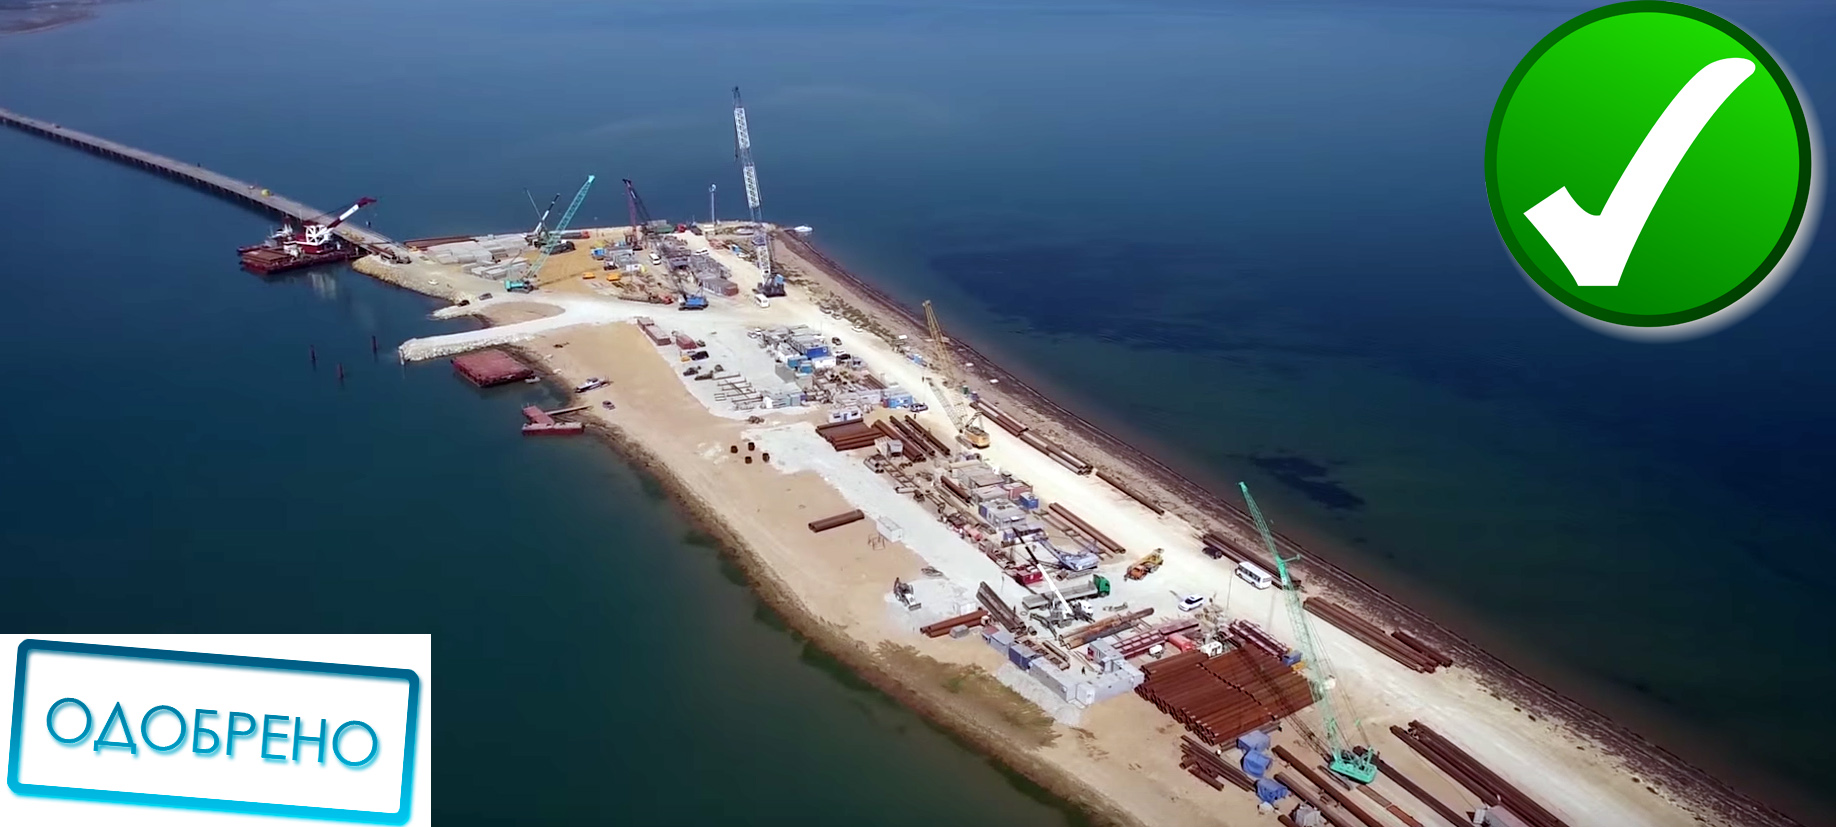 строительство моста через Керченский пролив одобрено